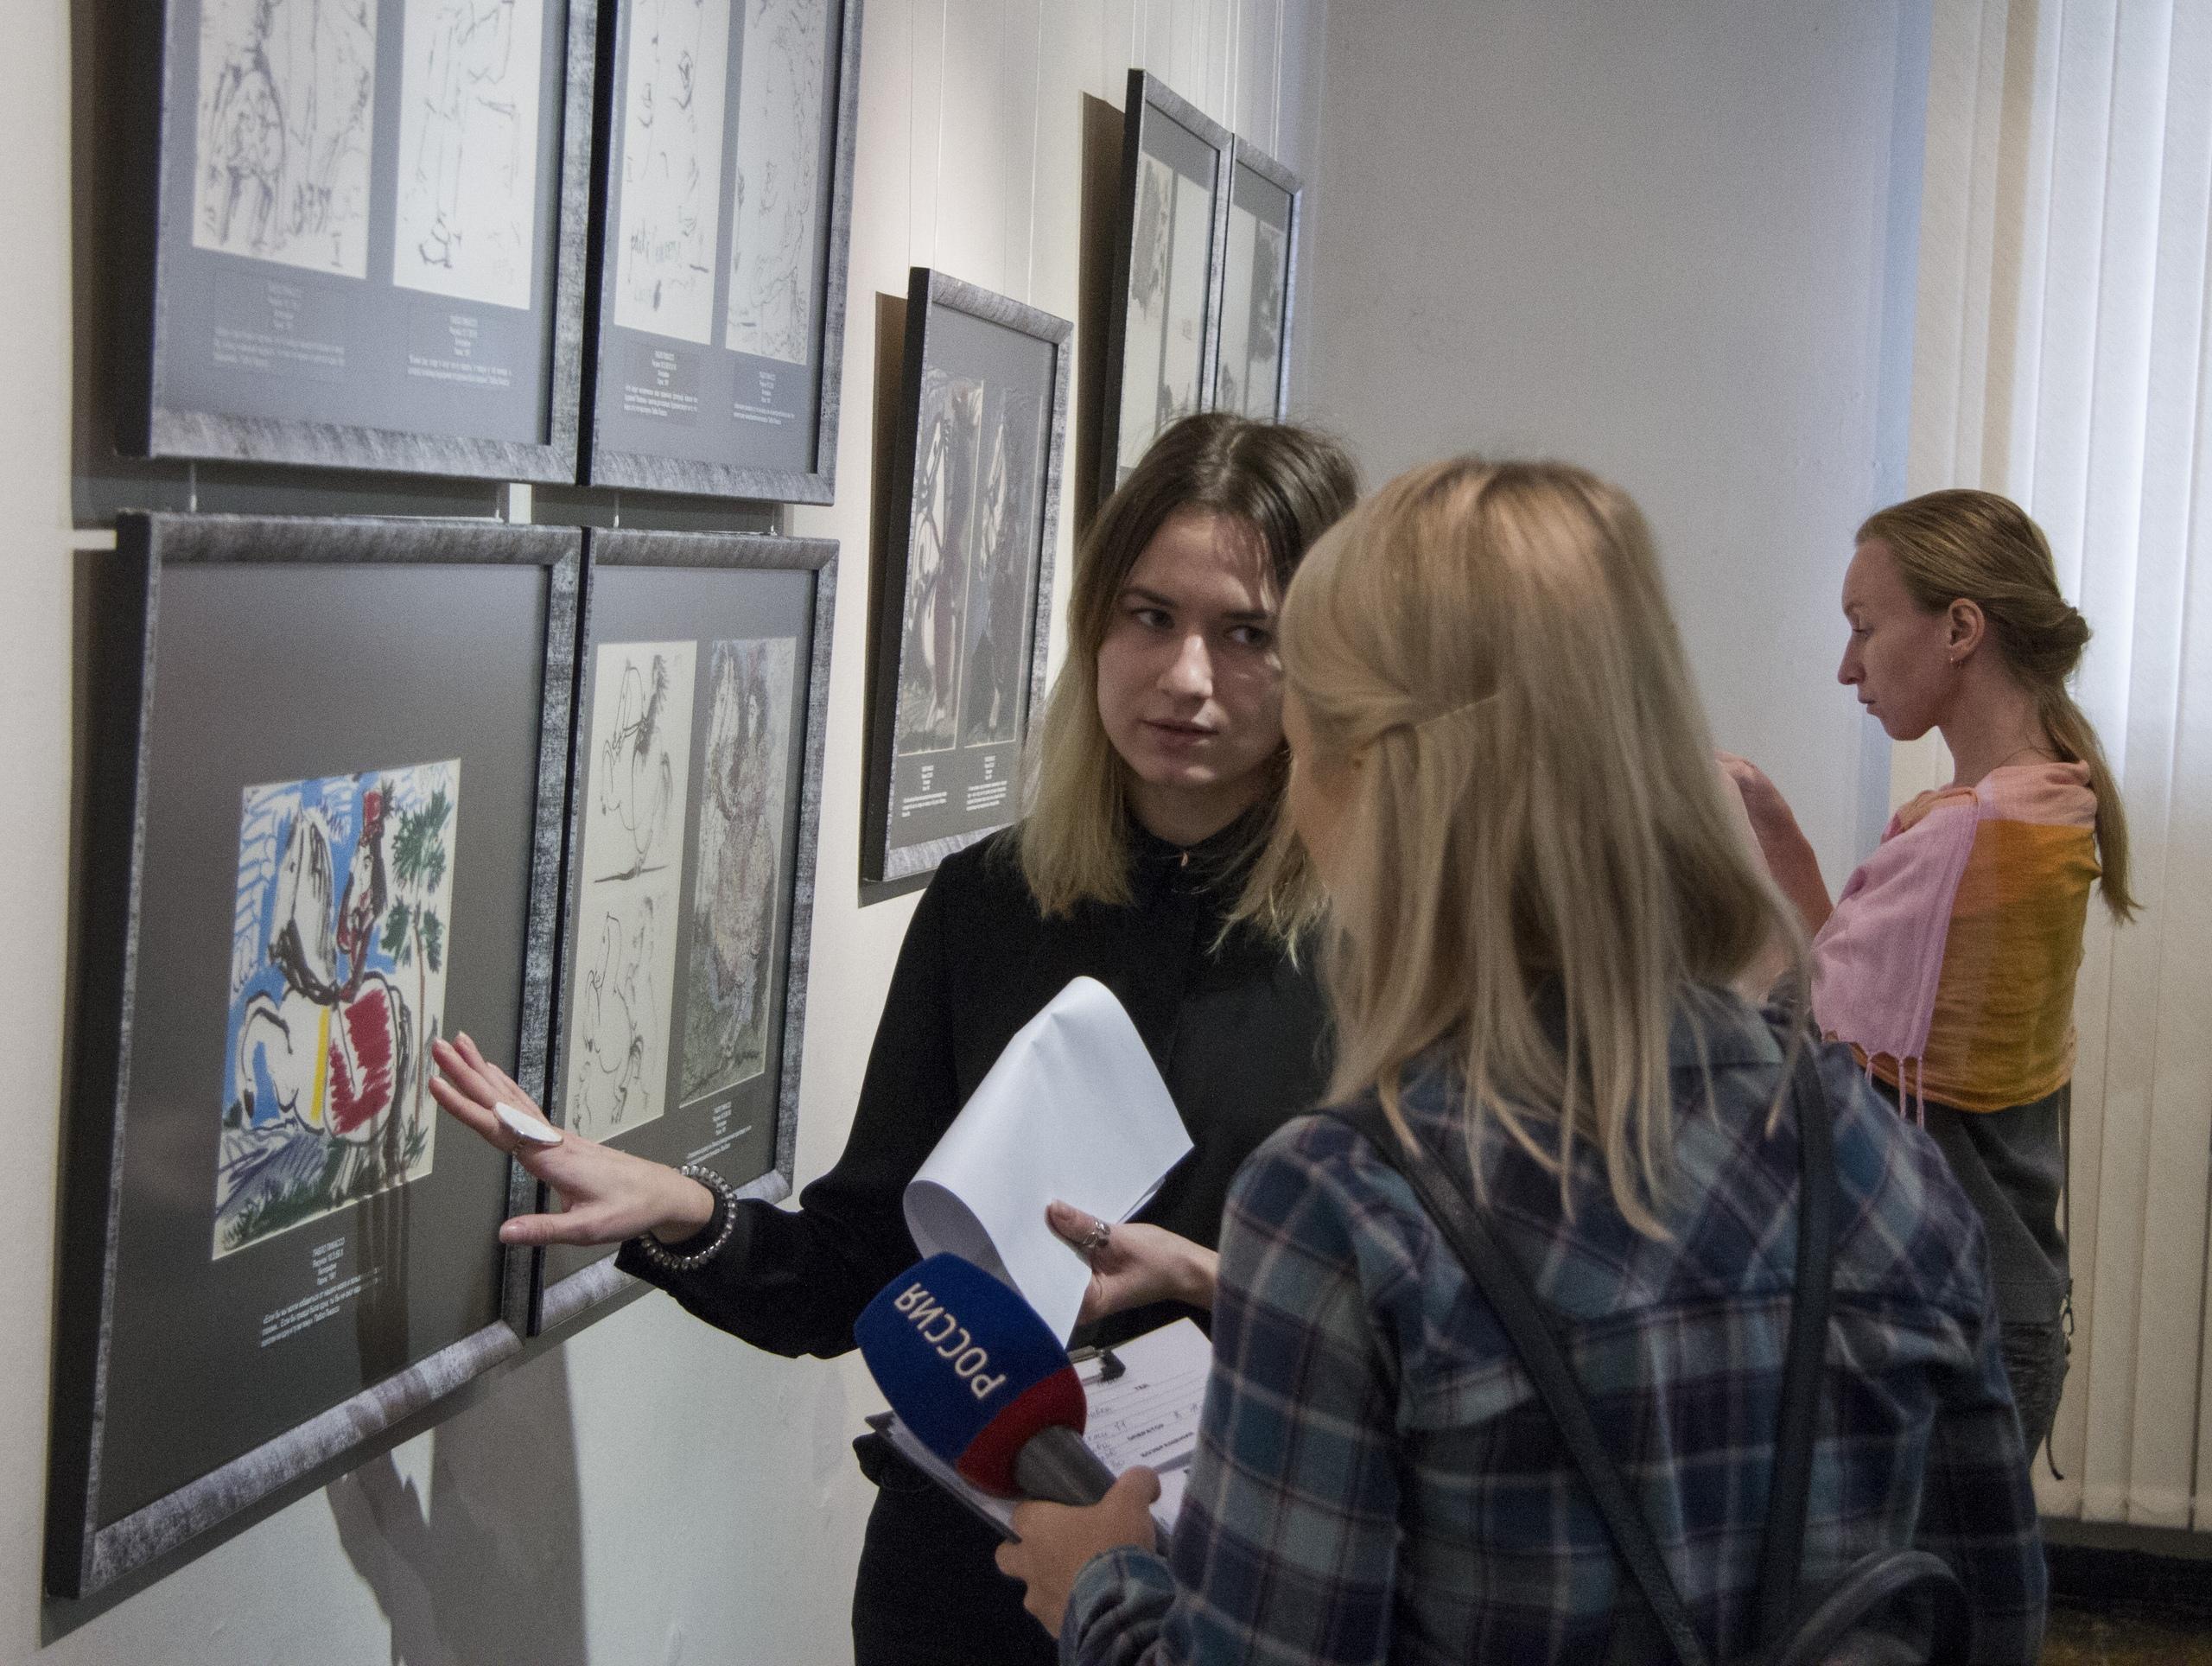 «Песок и кровь. Франциско Гойя и Пабло Пикассо» в Выставочном зале ВХМ.